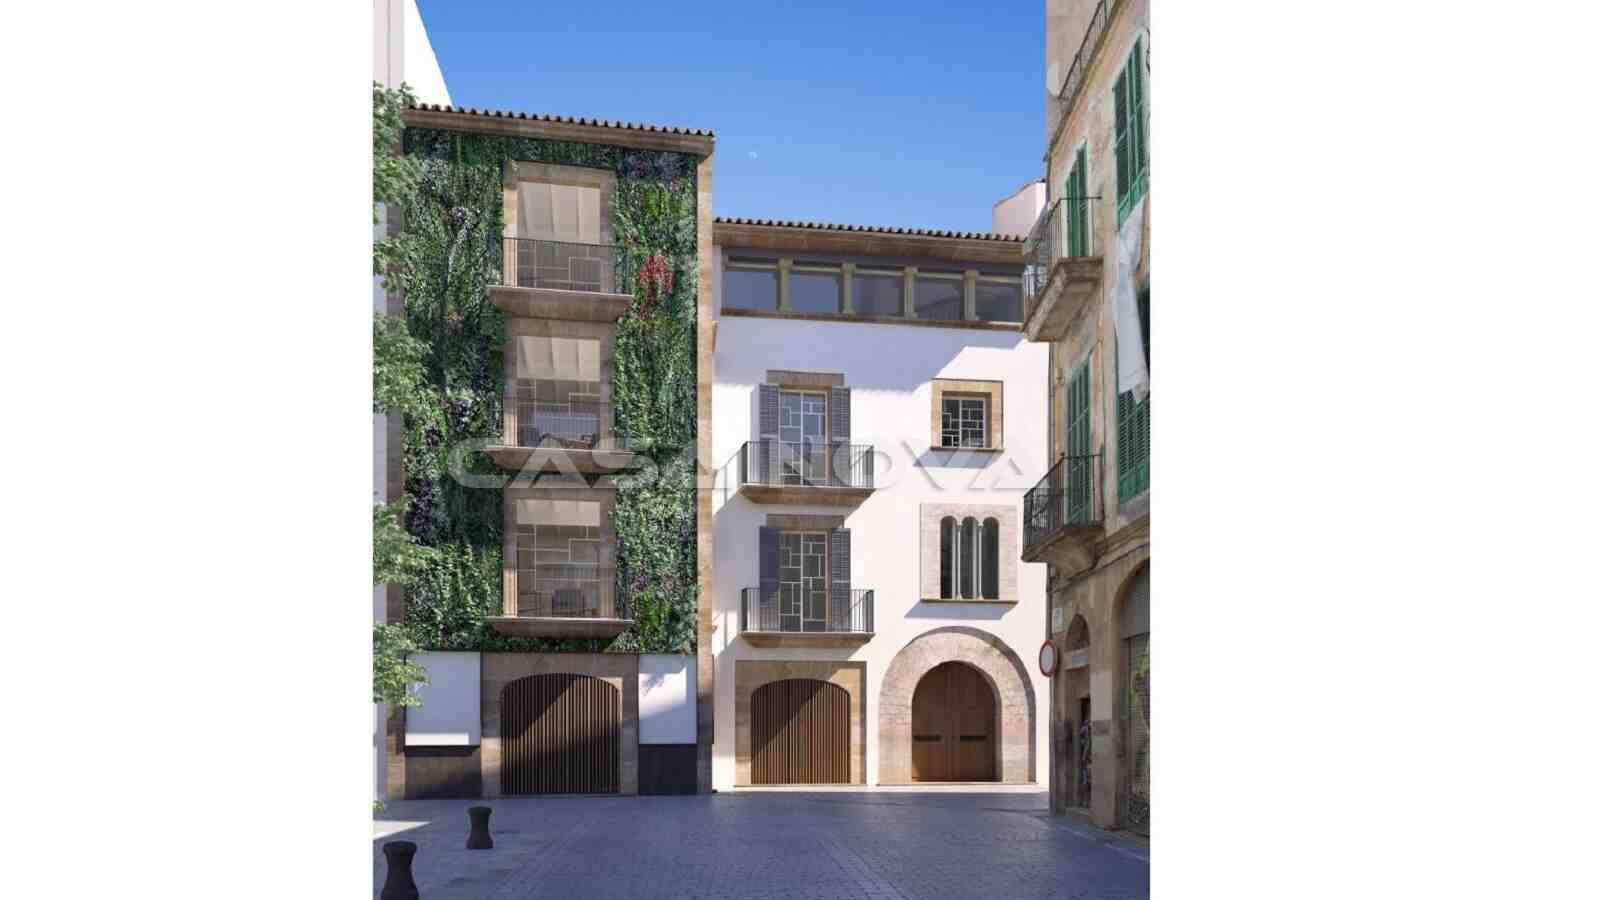 Historisches Gebäude aus dem 17ten Jahrhundert